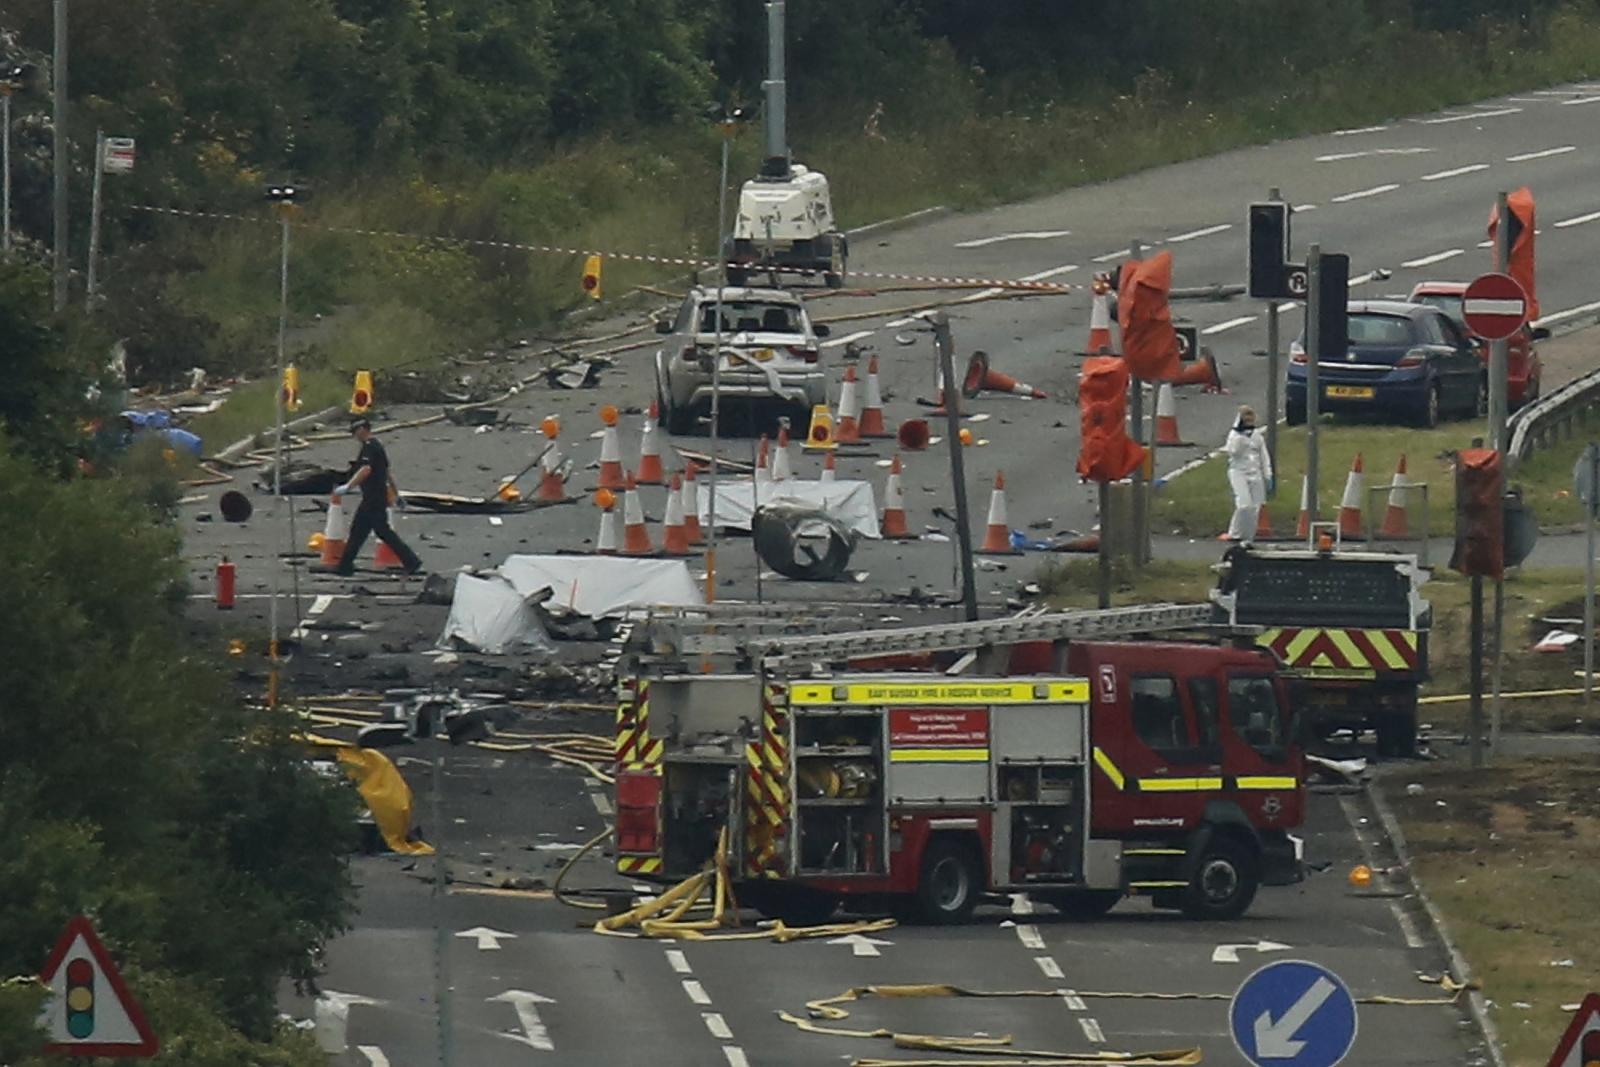 Shoreham airshow disaster